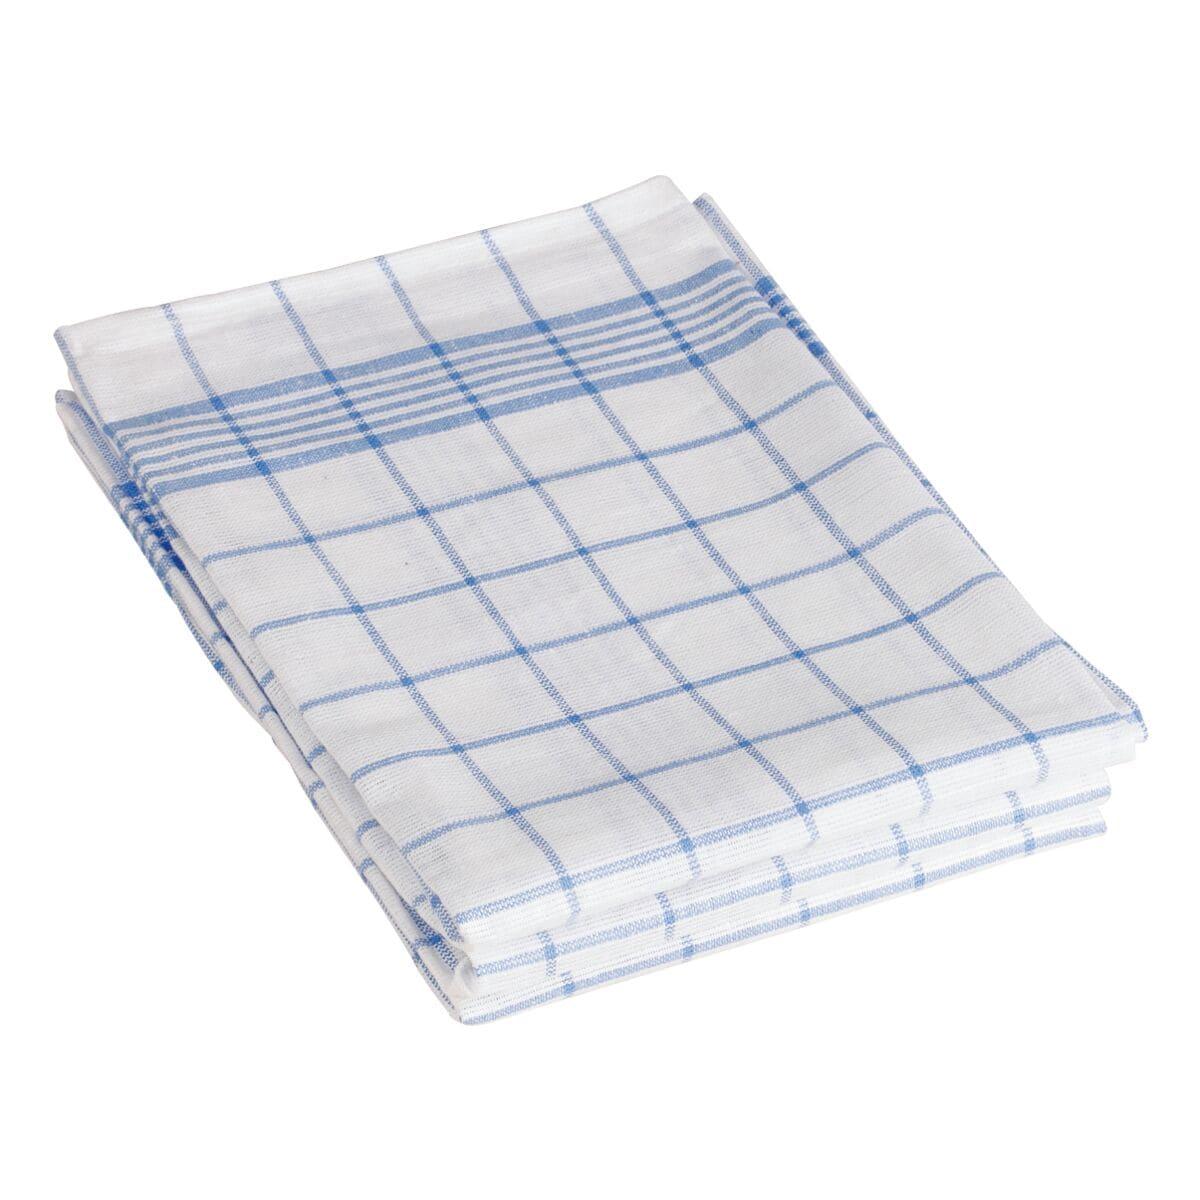 Torchons «Carreaux bleus/blancs» en paquet de 3